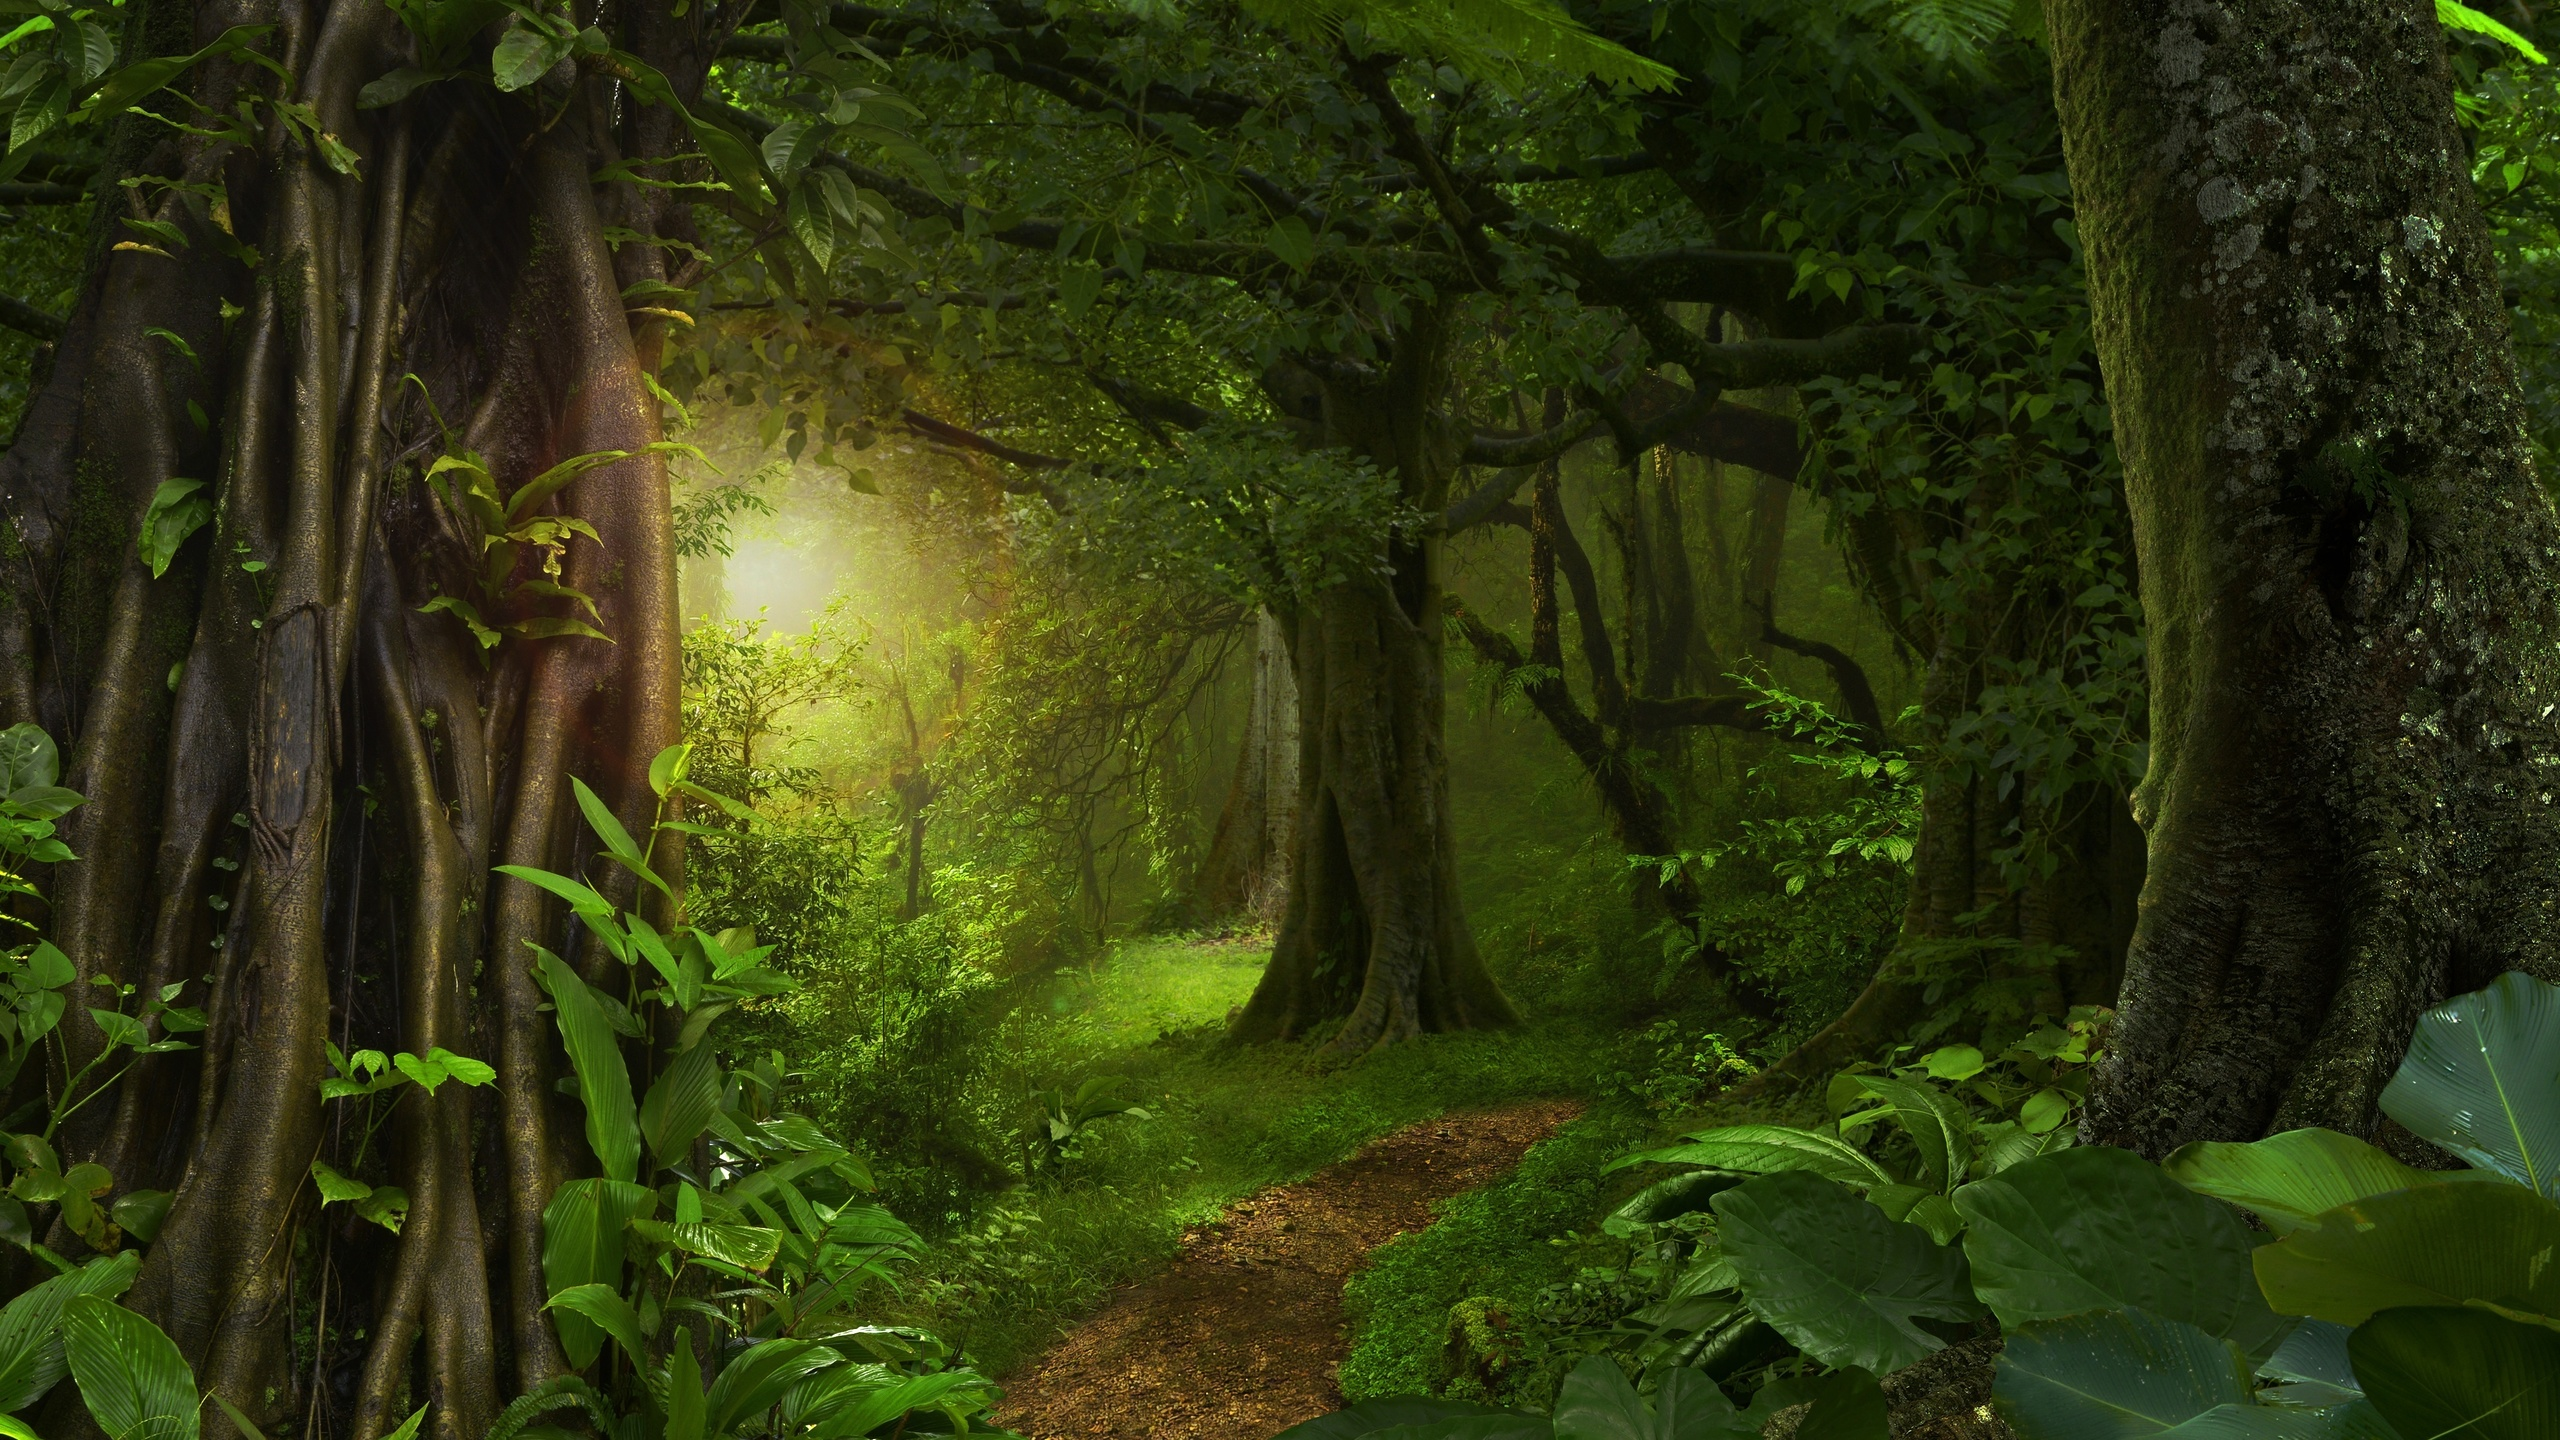 сказочный лес фотографии сейчас